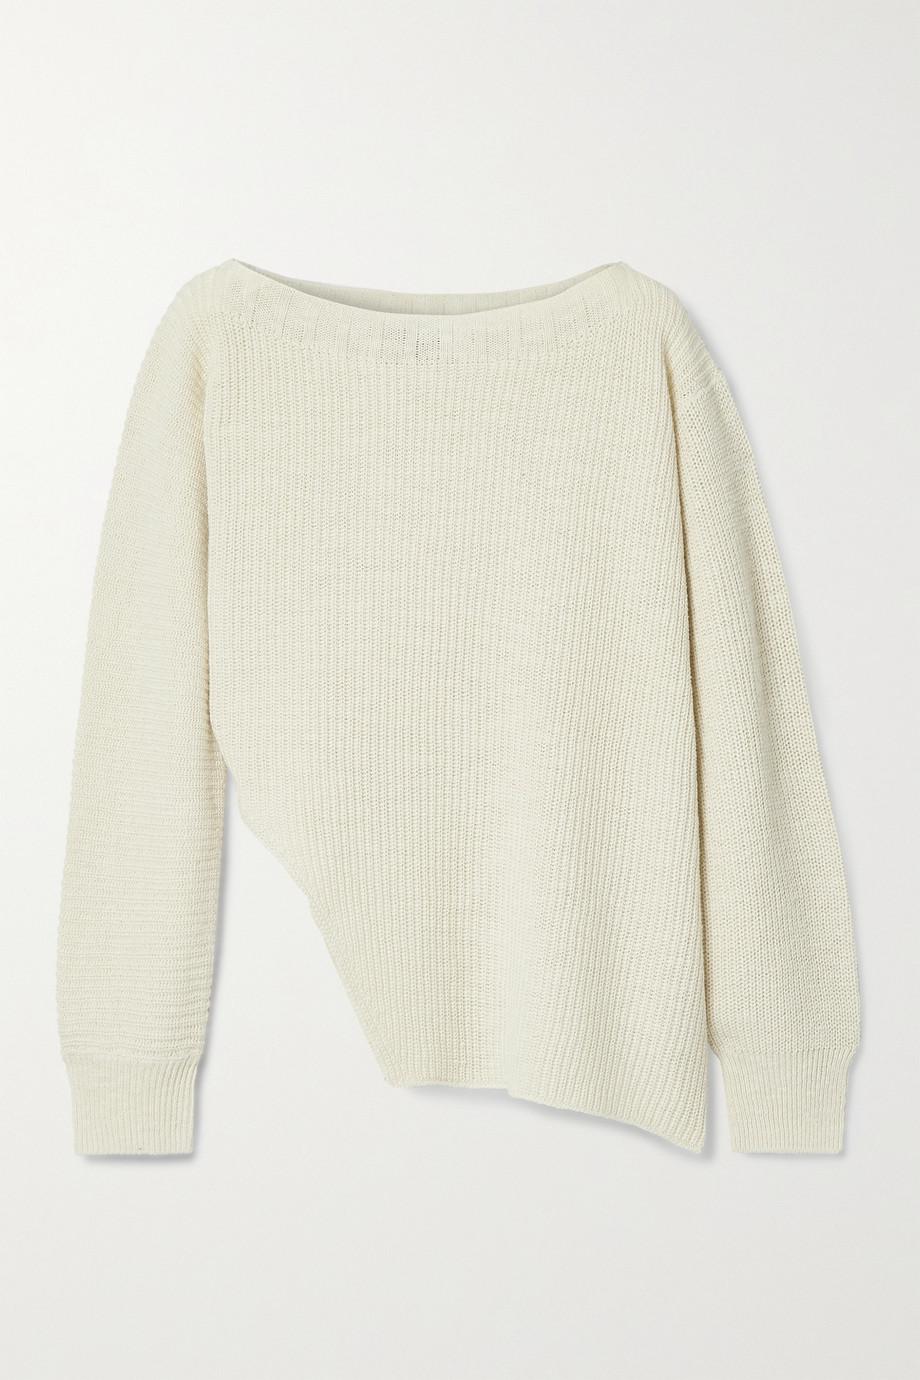 James Perse Asymmetrischer Pullover aus einer gerippten Baumwoll-Leinenmischung